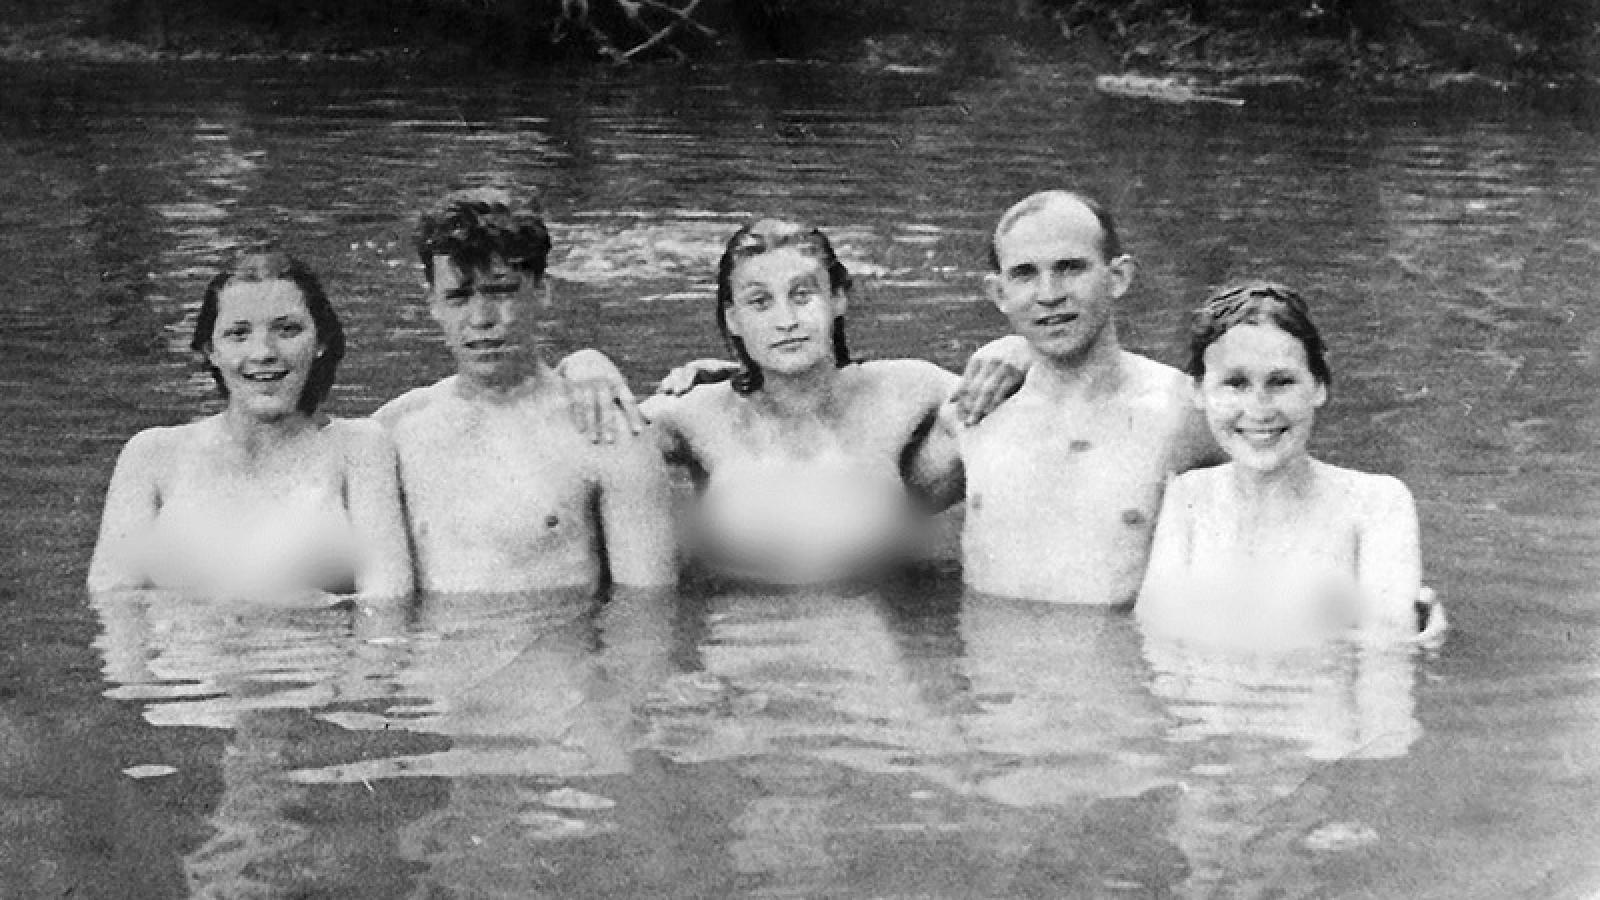 Bất ngờ về phong trào tắm nude hợp pháp ở Liên Xô